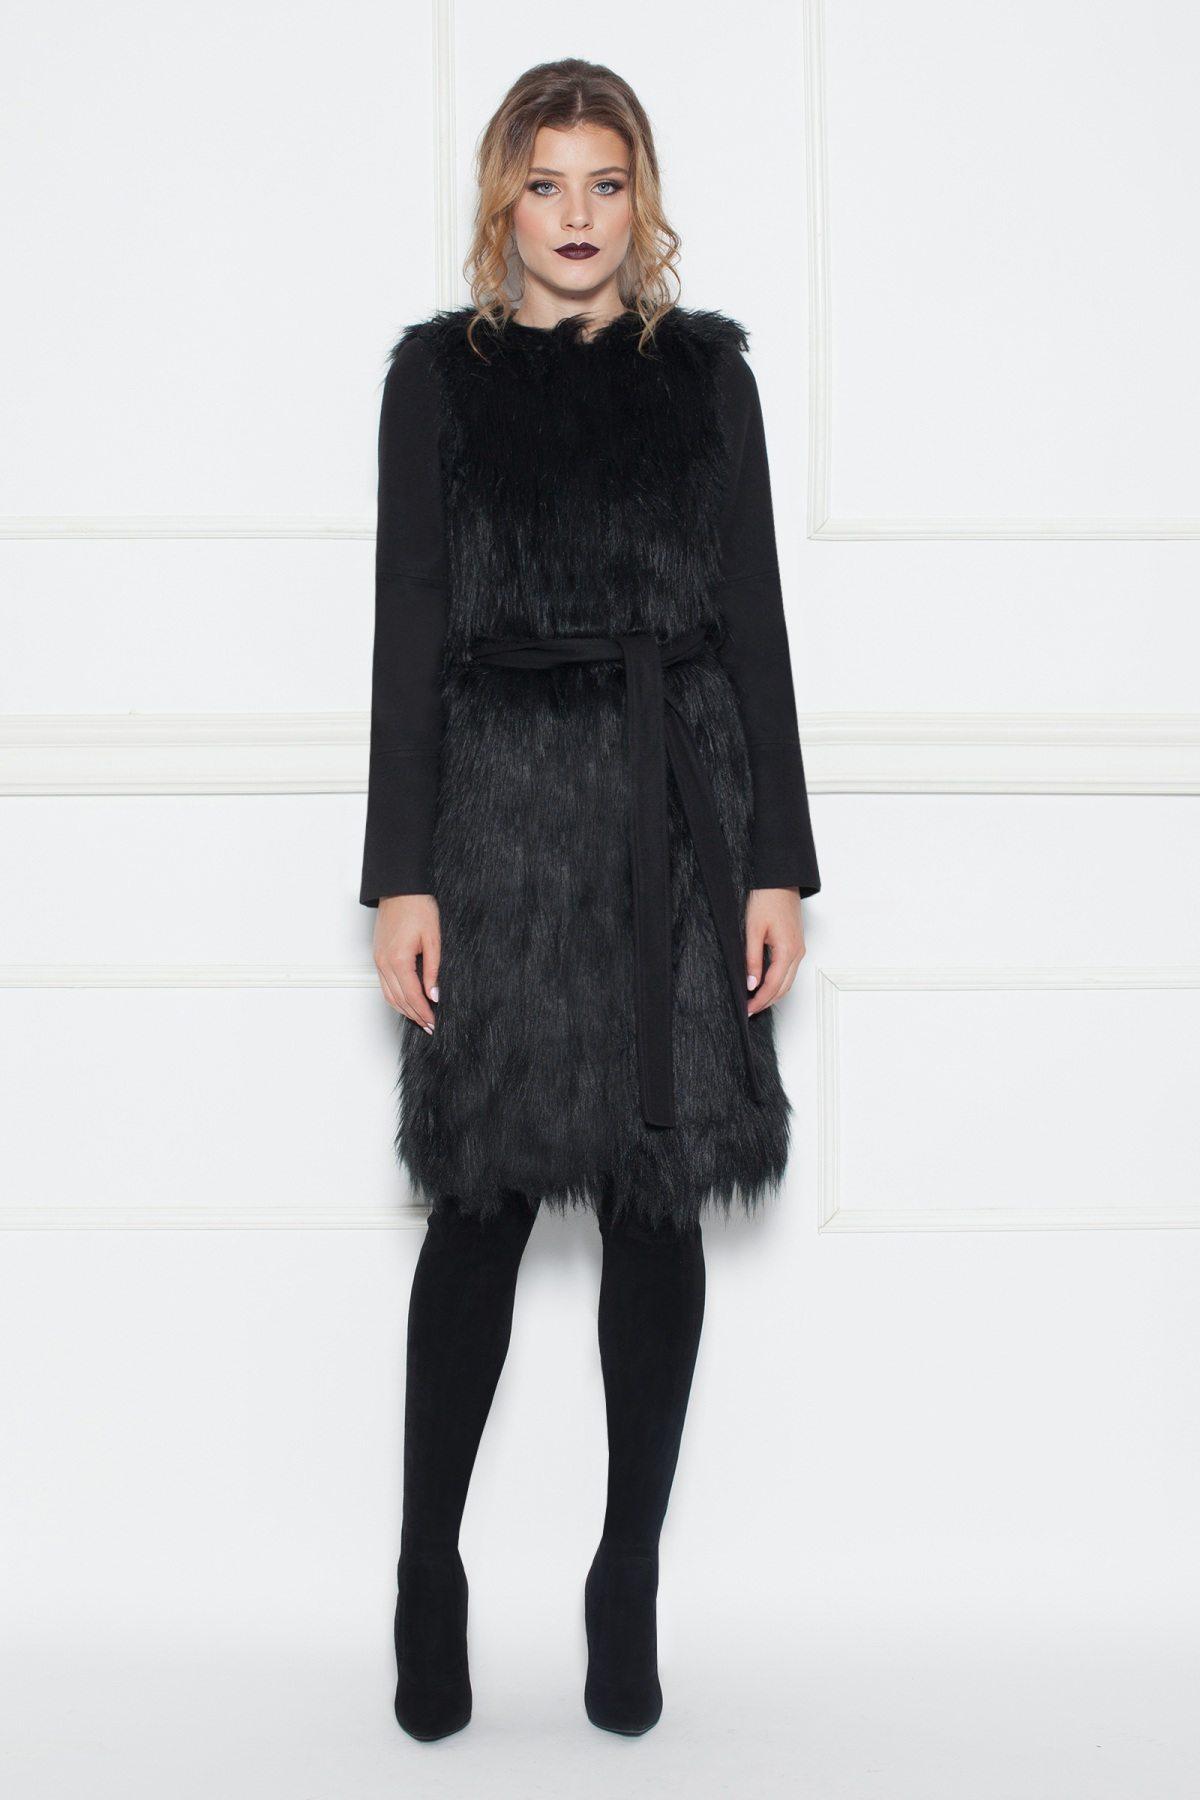 Palton cu insertii din blana sintetica Negru